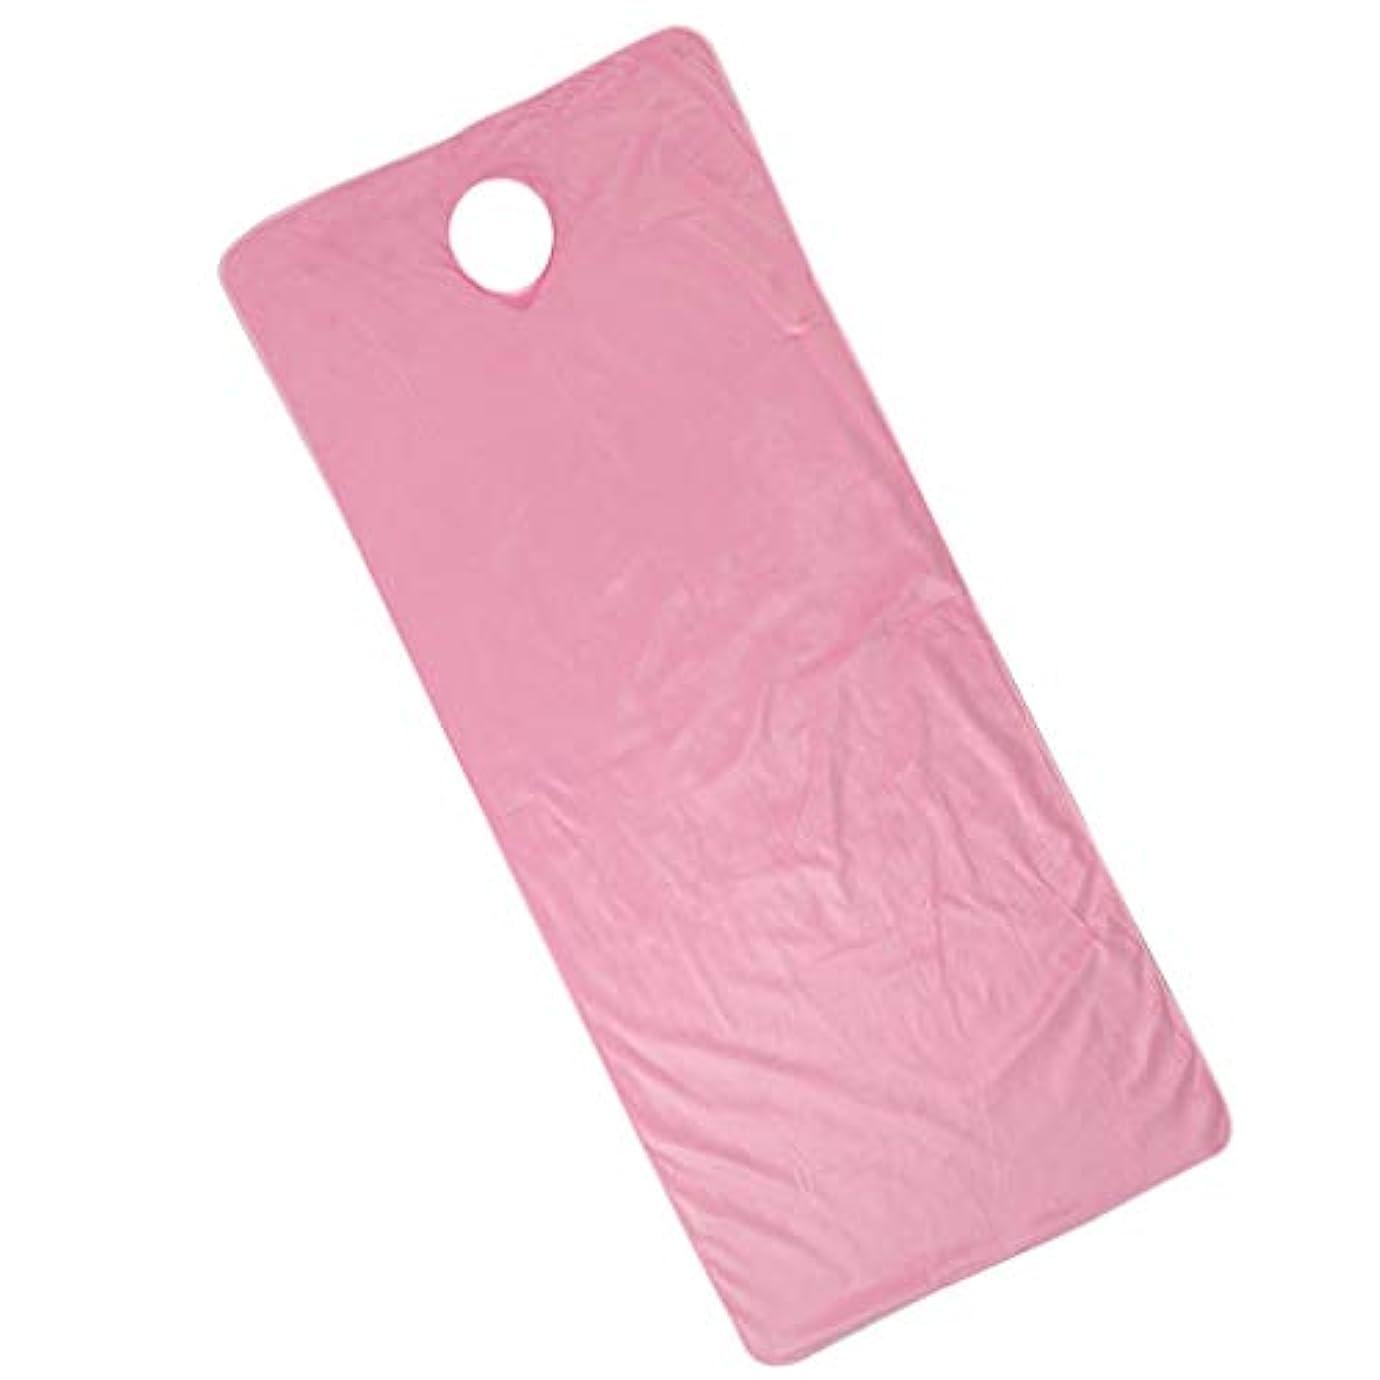 数学的な遠洋の影響美容ベッドカバー 有孔 スパ マッサージベッドカバー ピンク